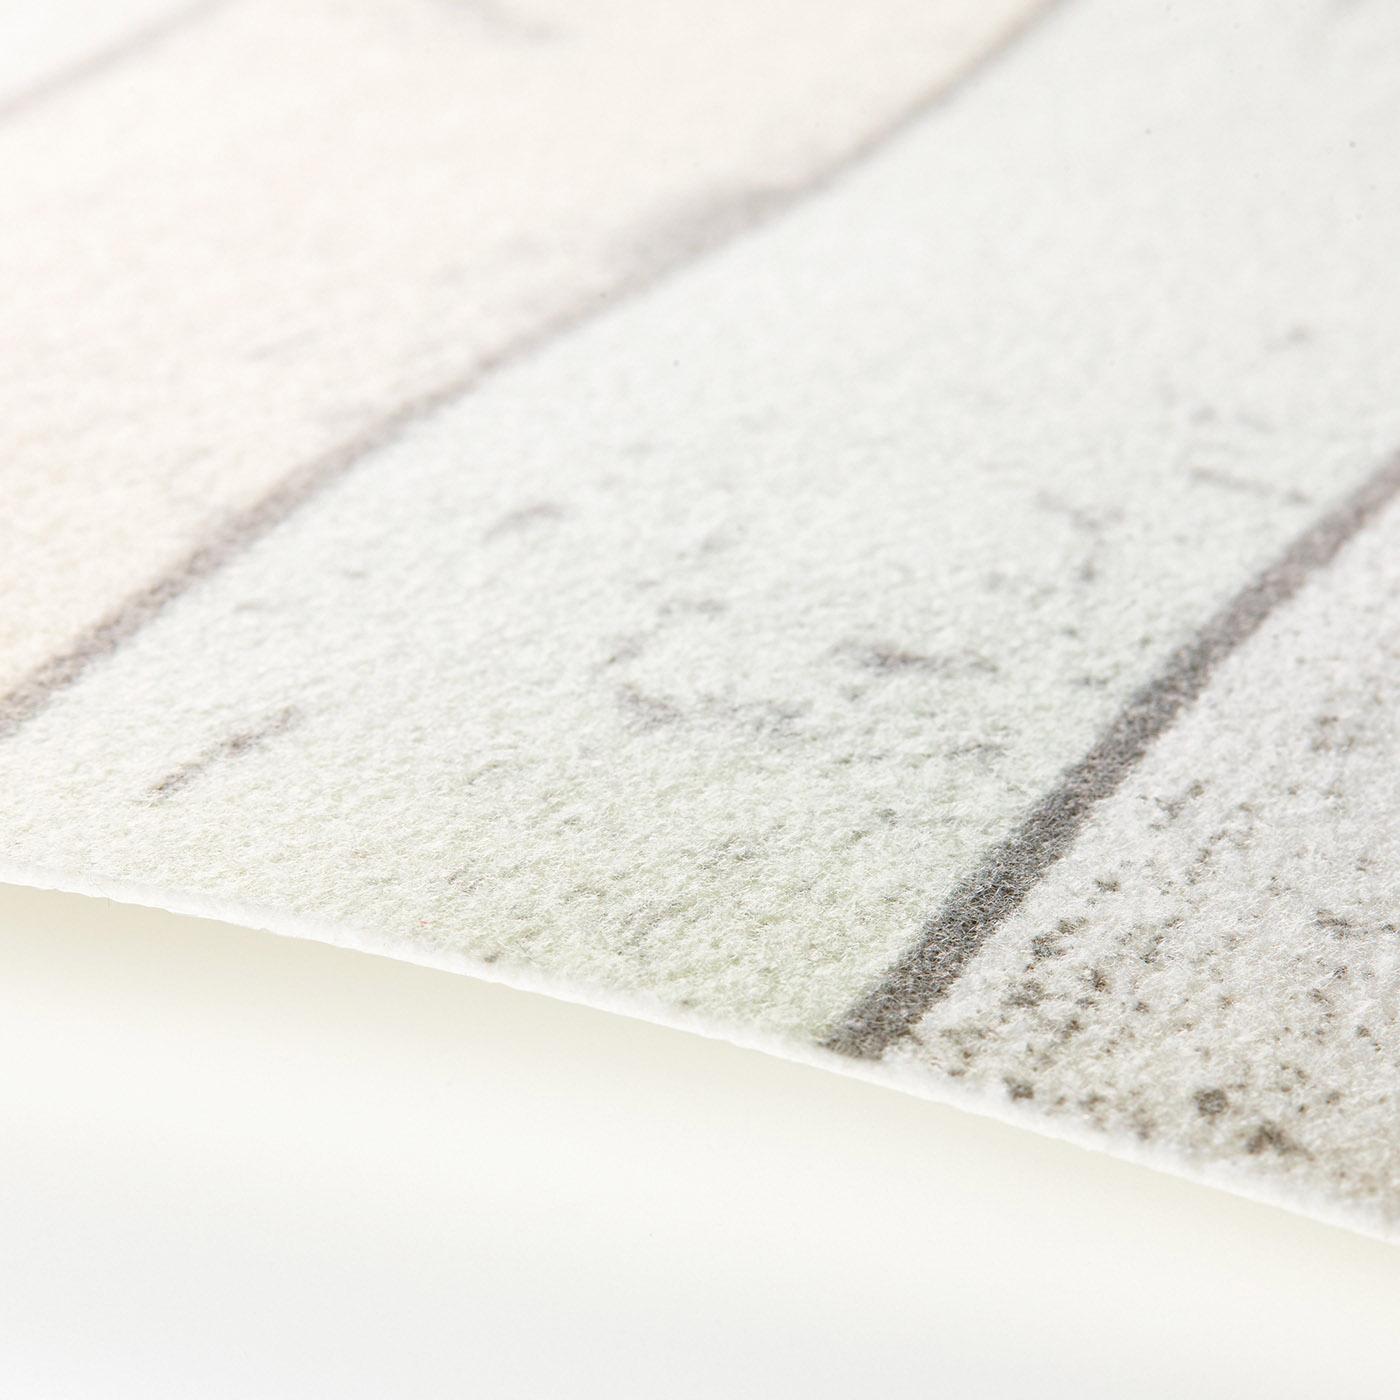 ふわふわの不織布素材が水や汚れをキャッチ。